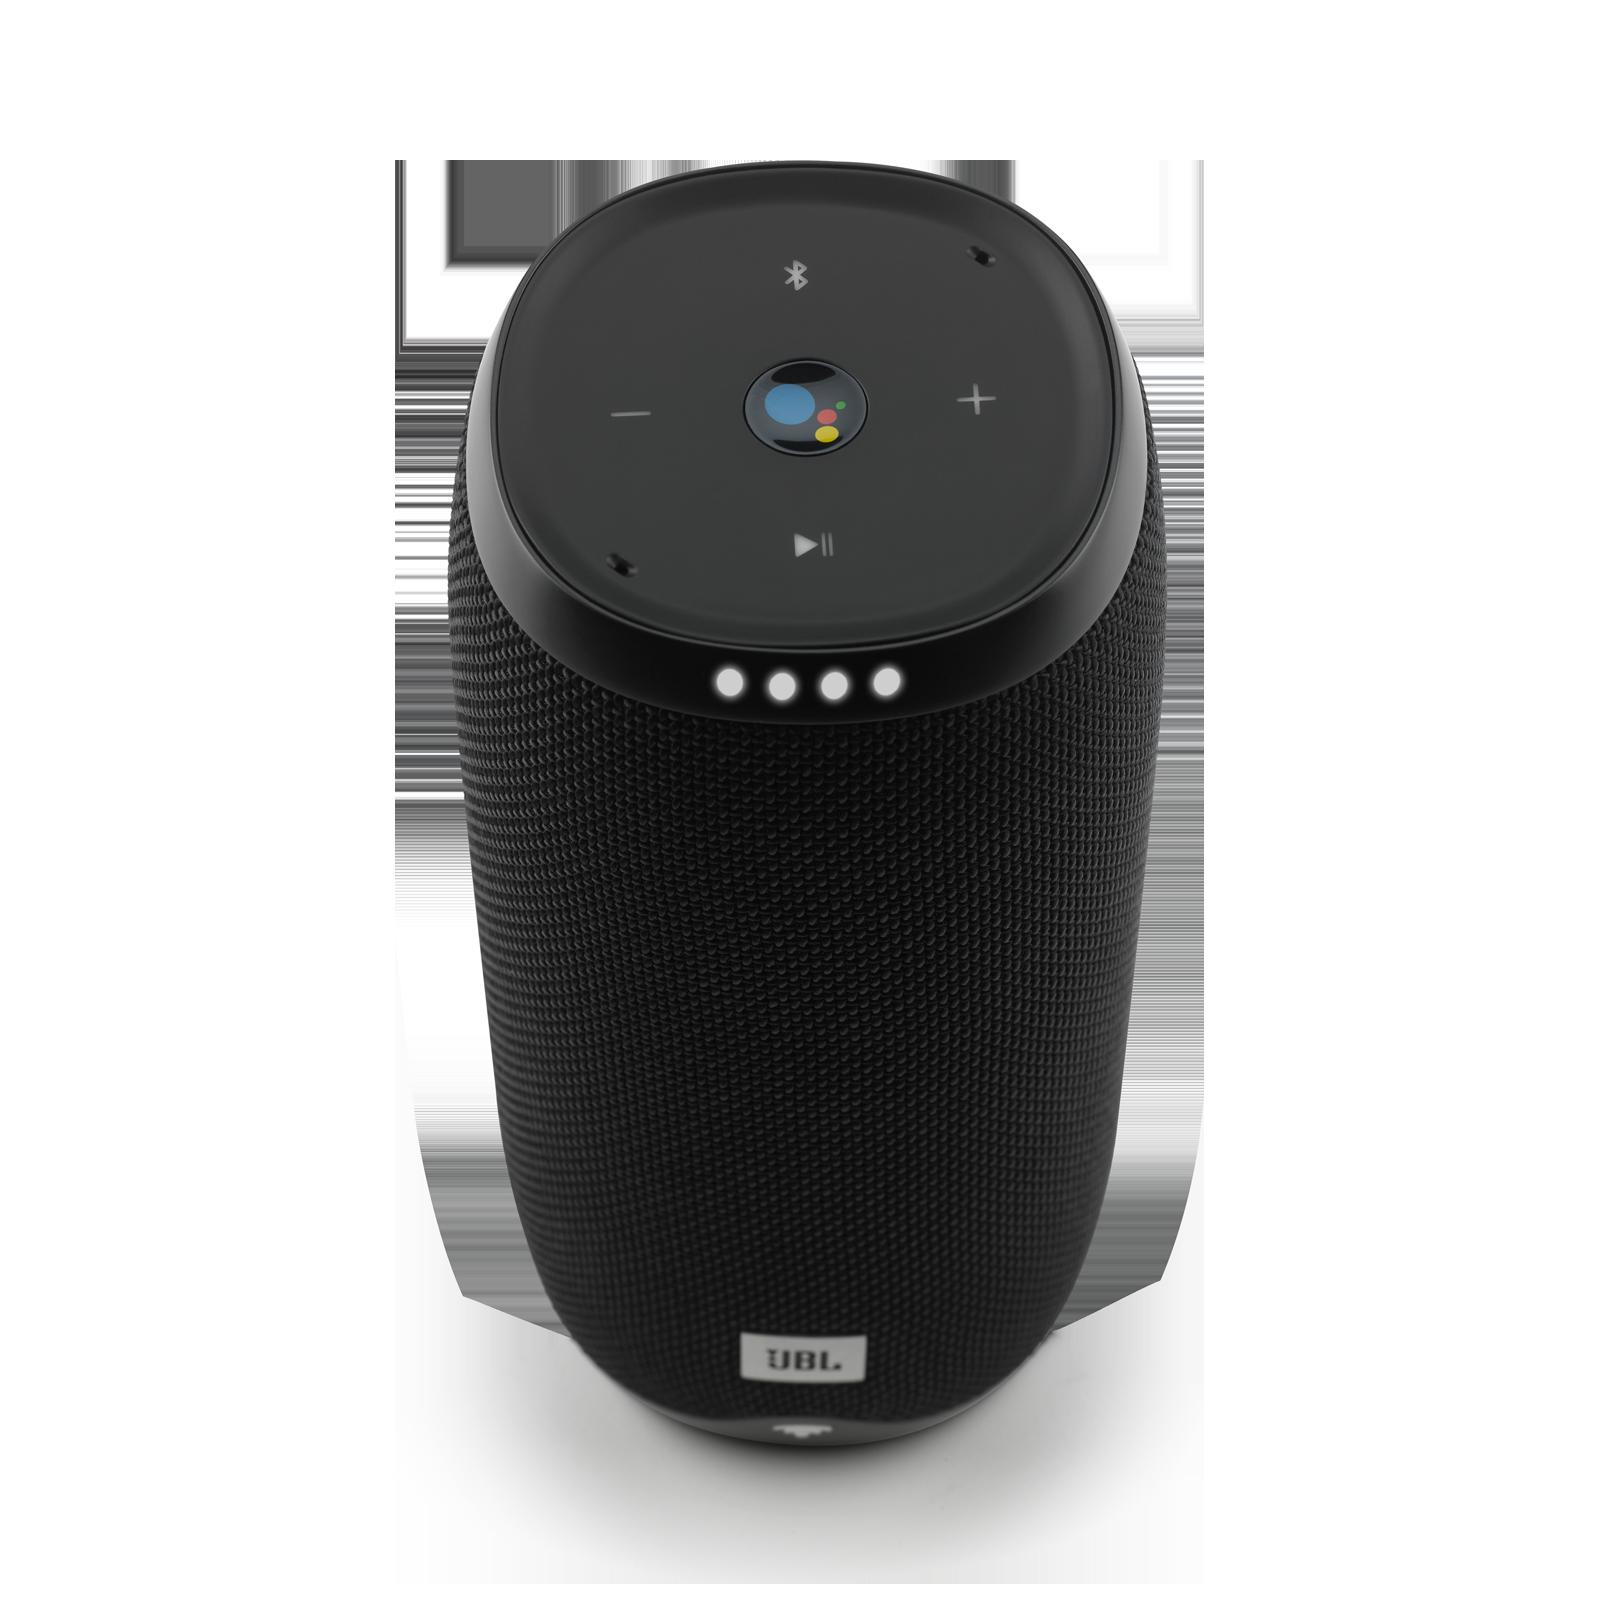 JBL Link 20 - Black - Voice-activated portable speaker - Detailshot 1